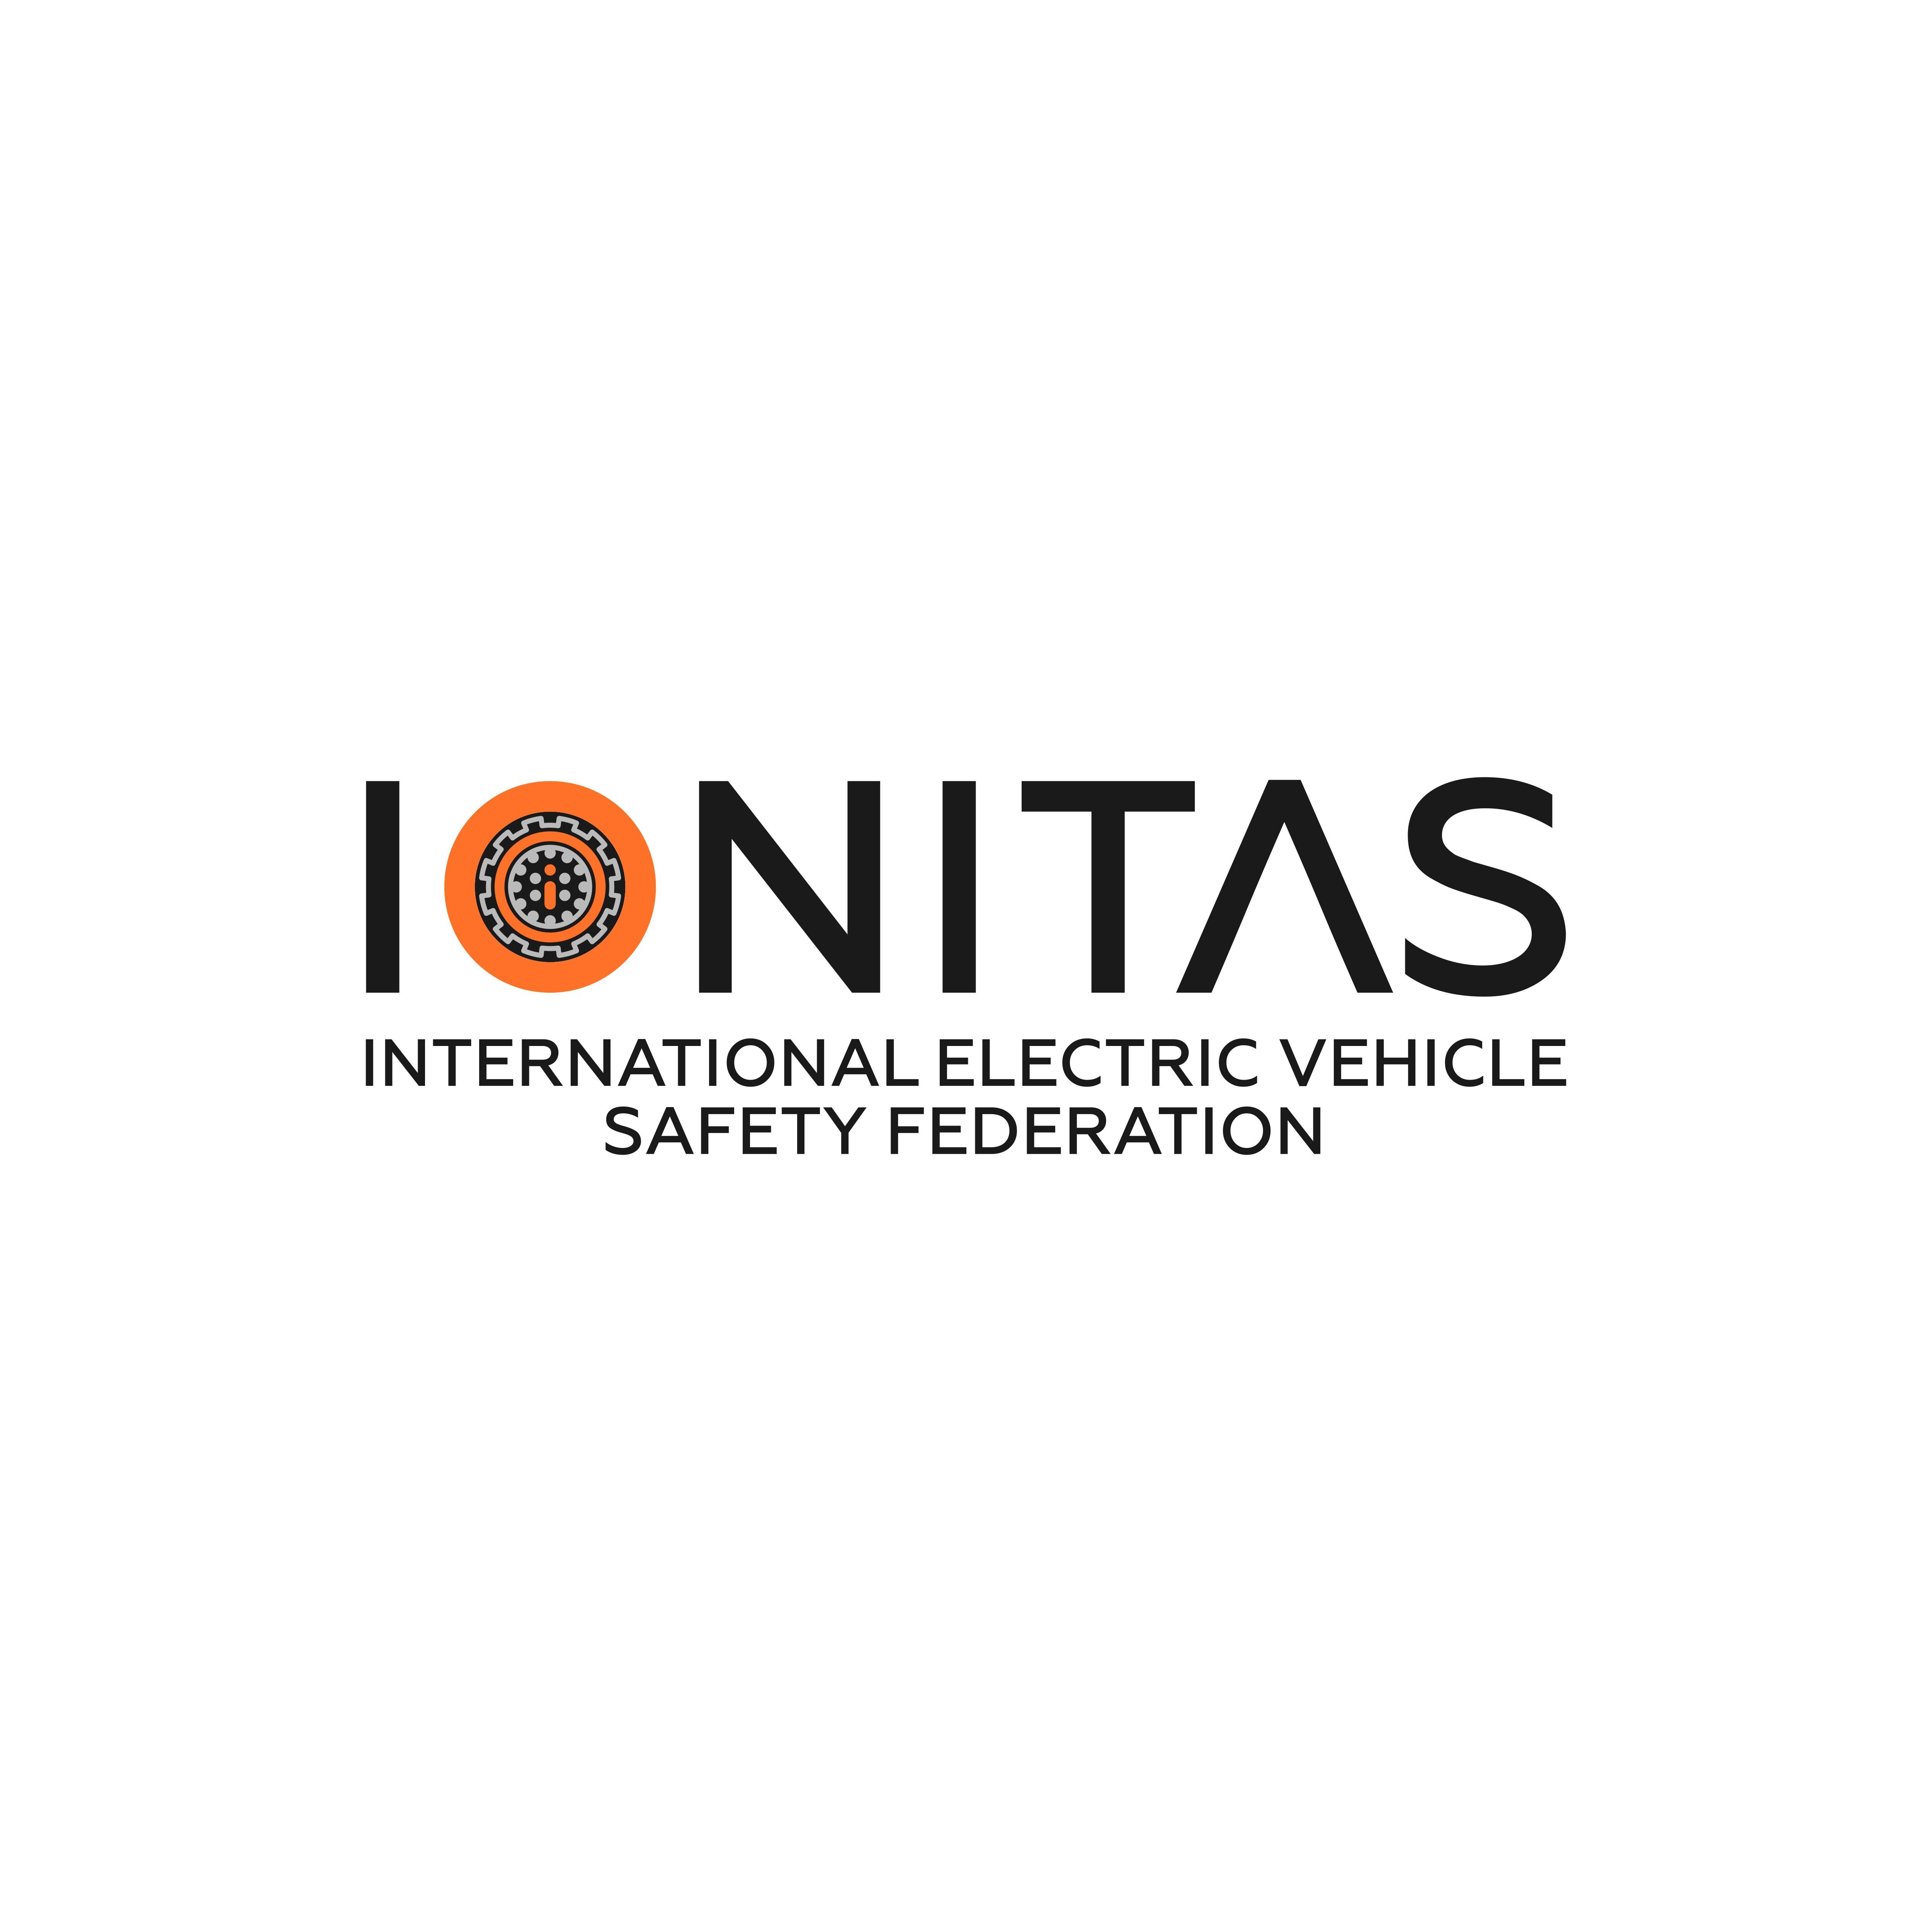 Wir brauchen ein prägnantes neues Logo für unseren internationalen Verein